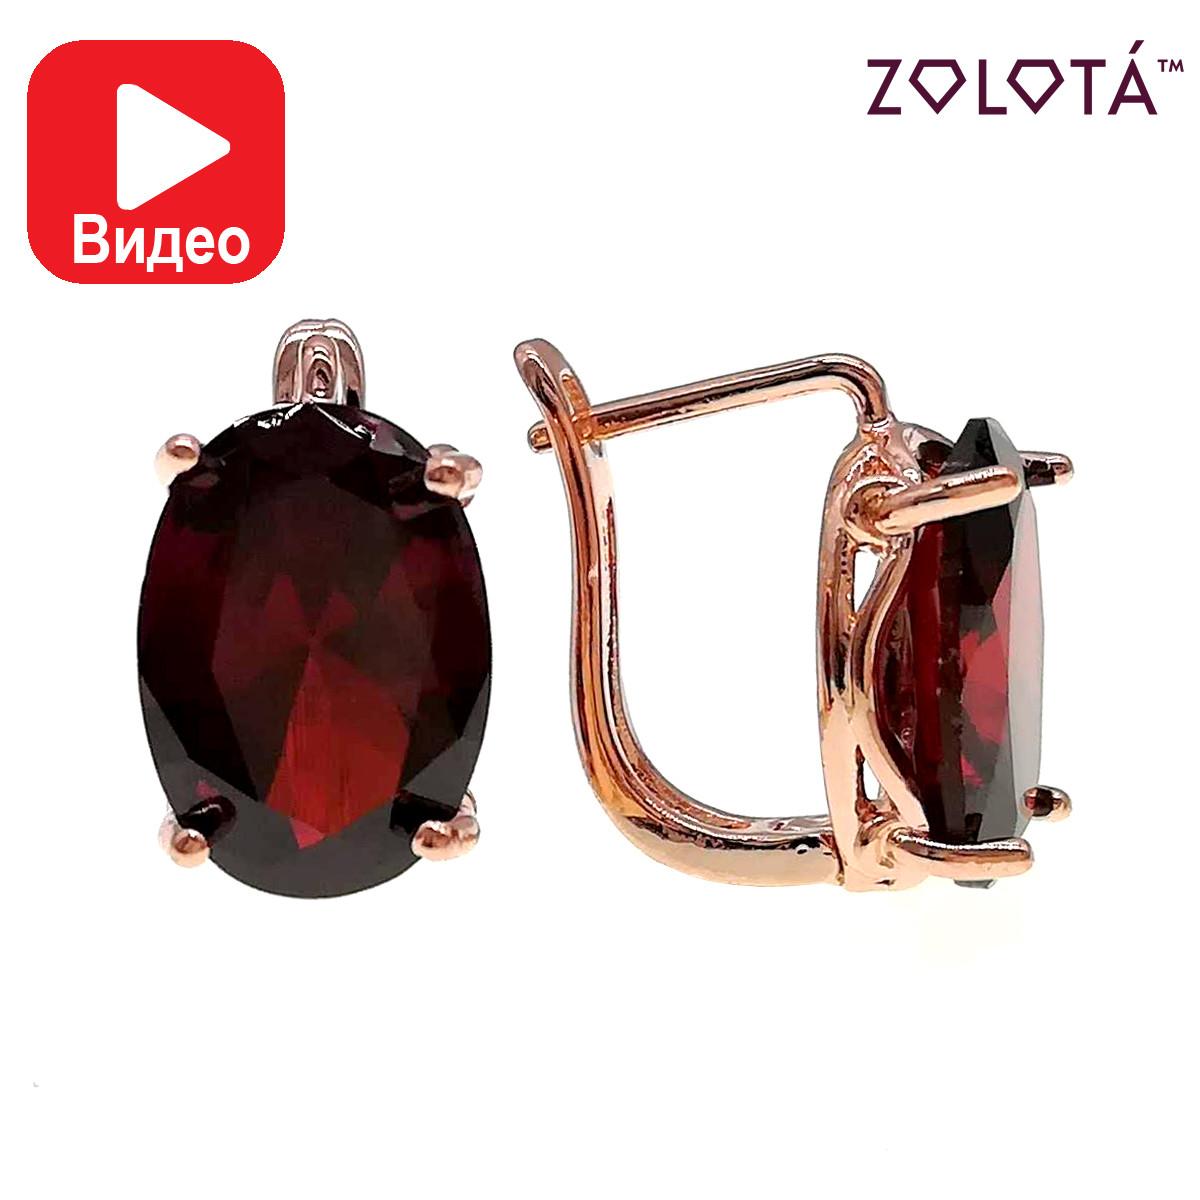 Серьги Zolota, размер 17х10 мм, гранатово-красные фианиты (куб. цирконий), вес 5 г, позолота PO, ЗЛ00890 (1)